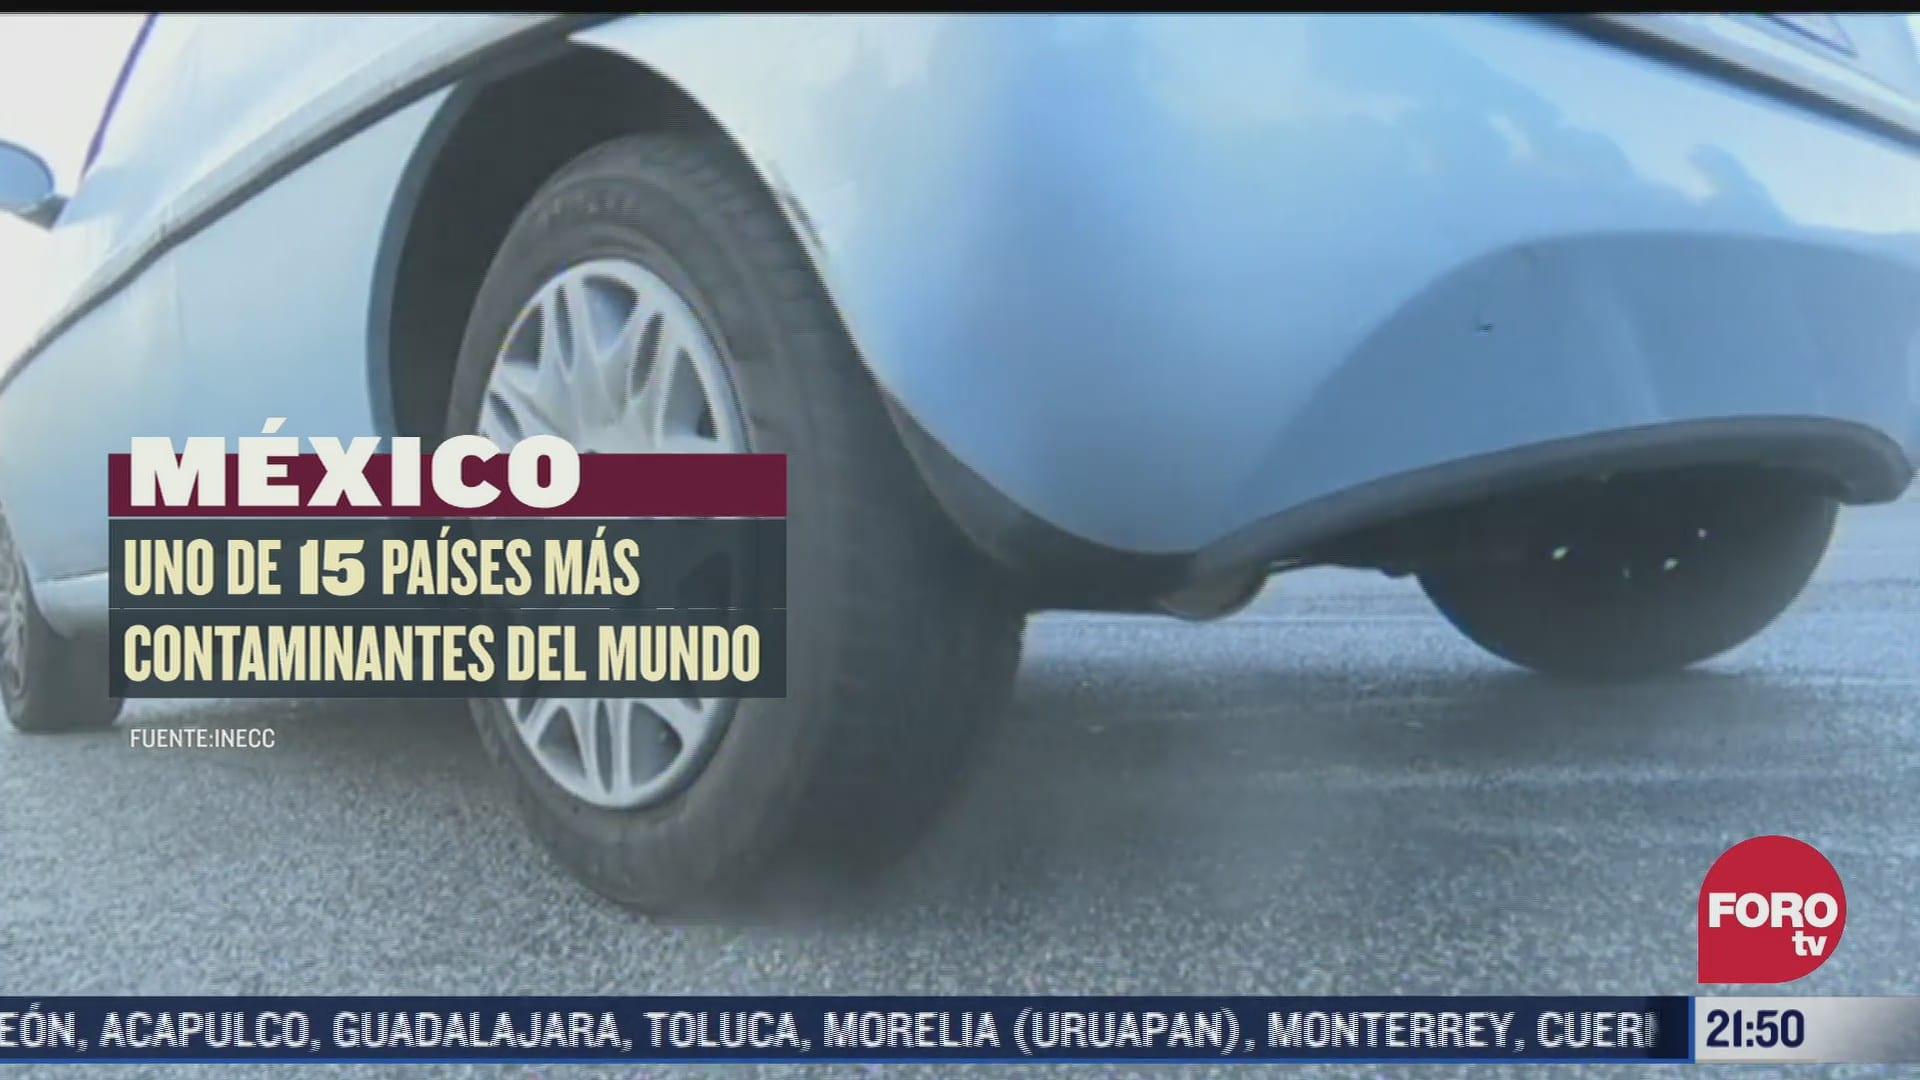 mexico uno de los 15 paises mas contaminantes del mundo